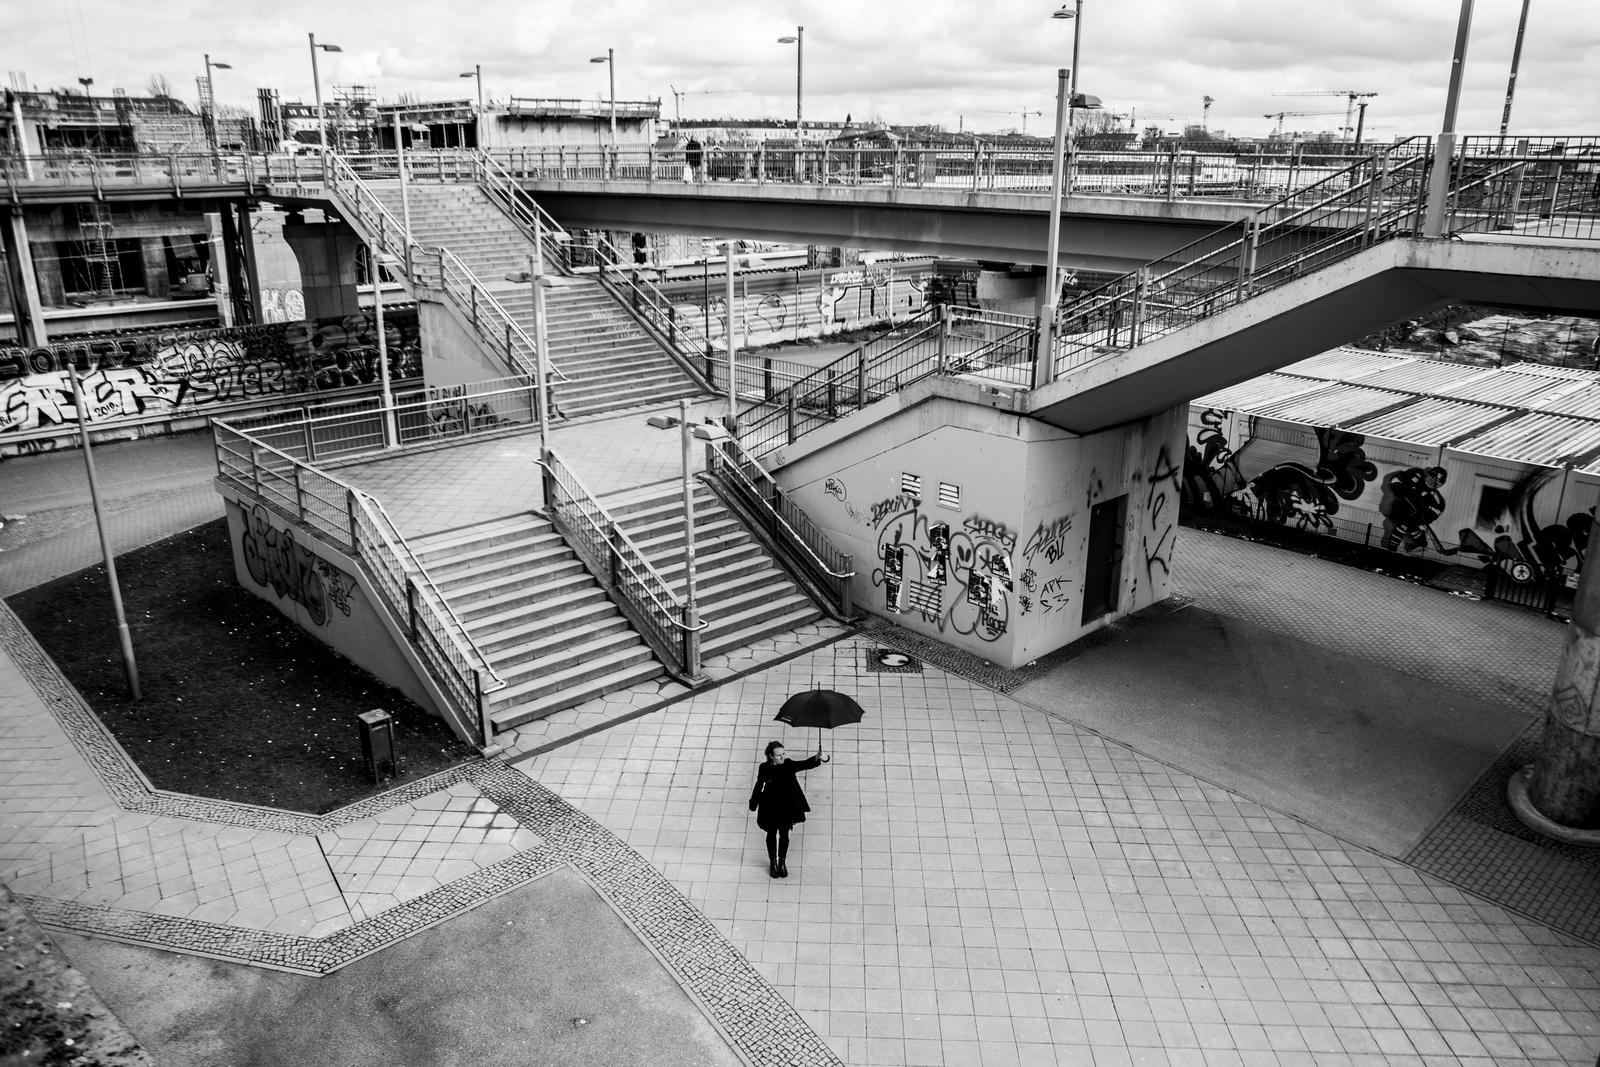 Kładka i schody przy Warschauer Brucke, Foto: Maciej Soja